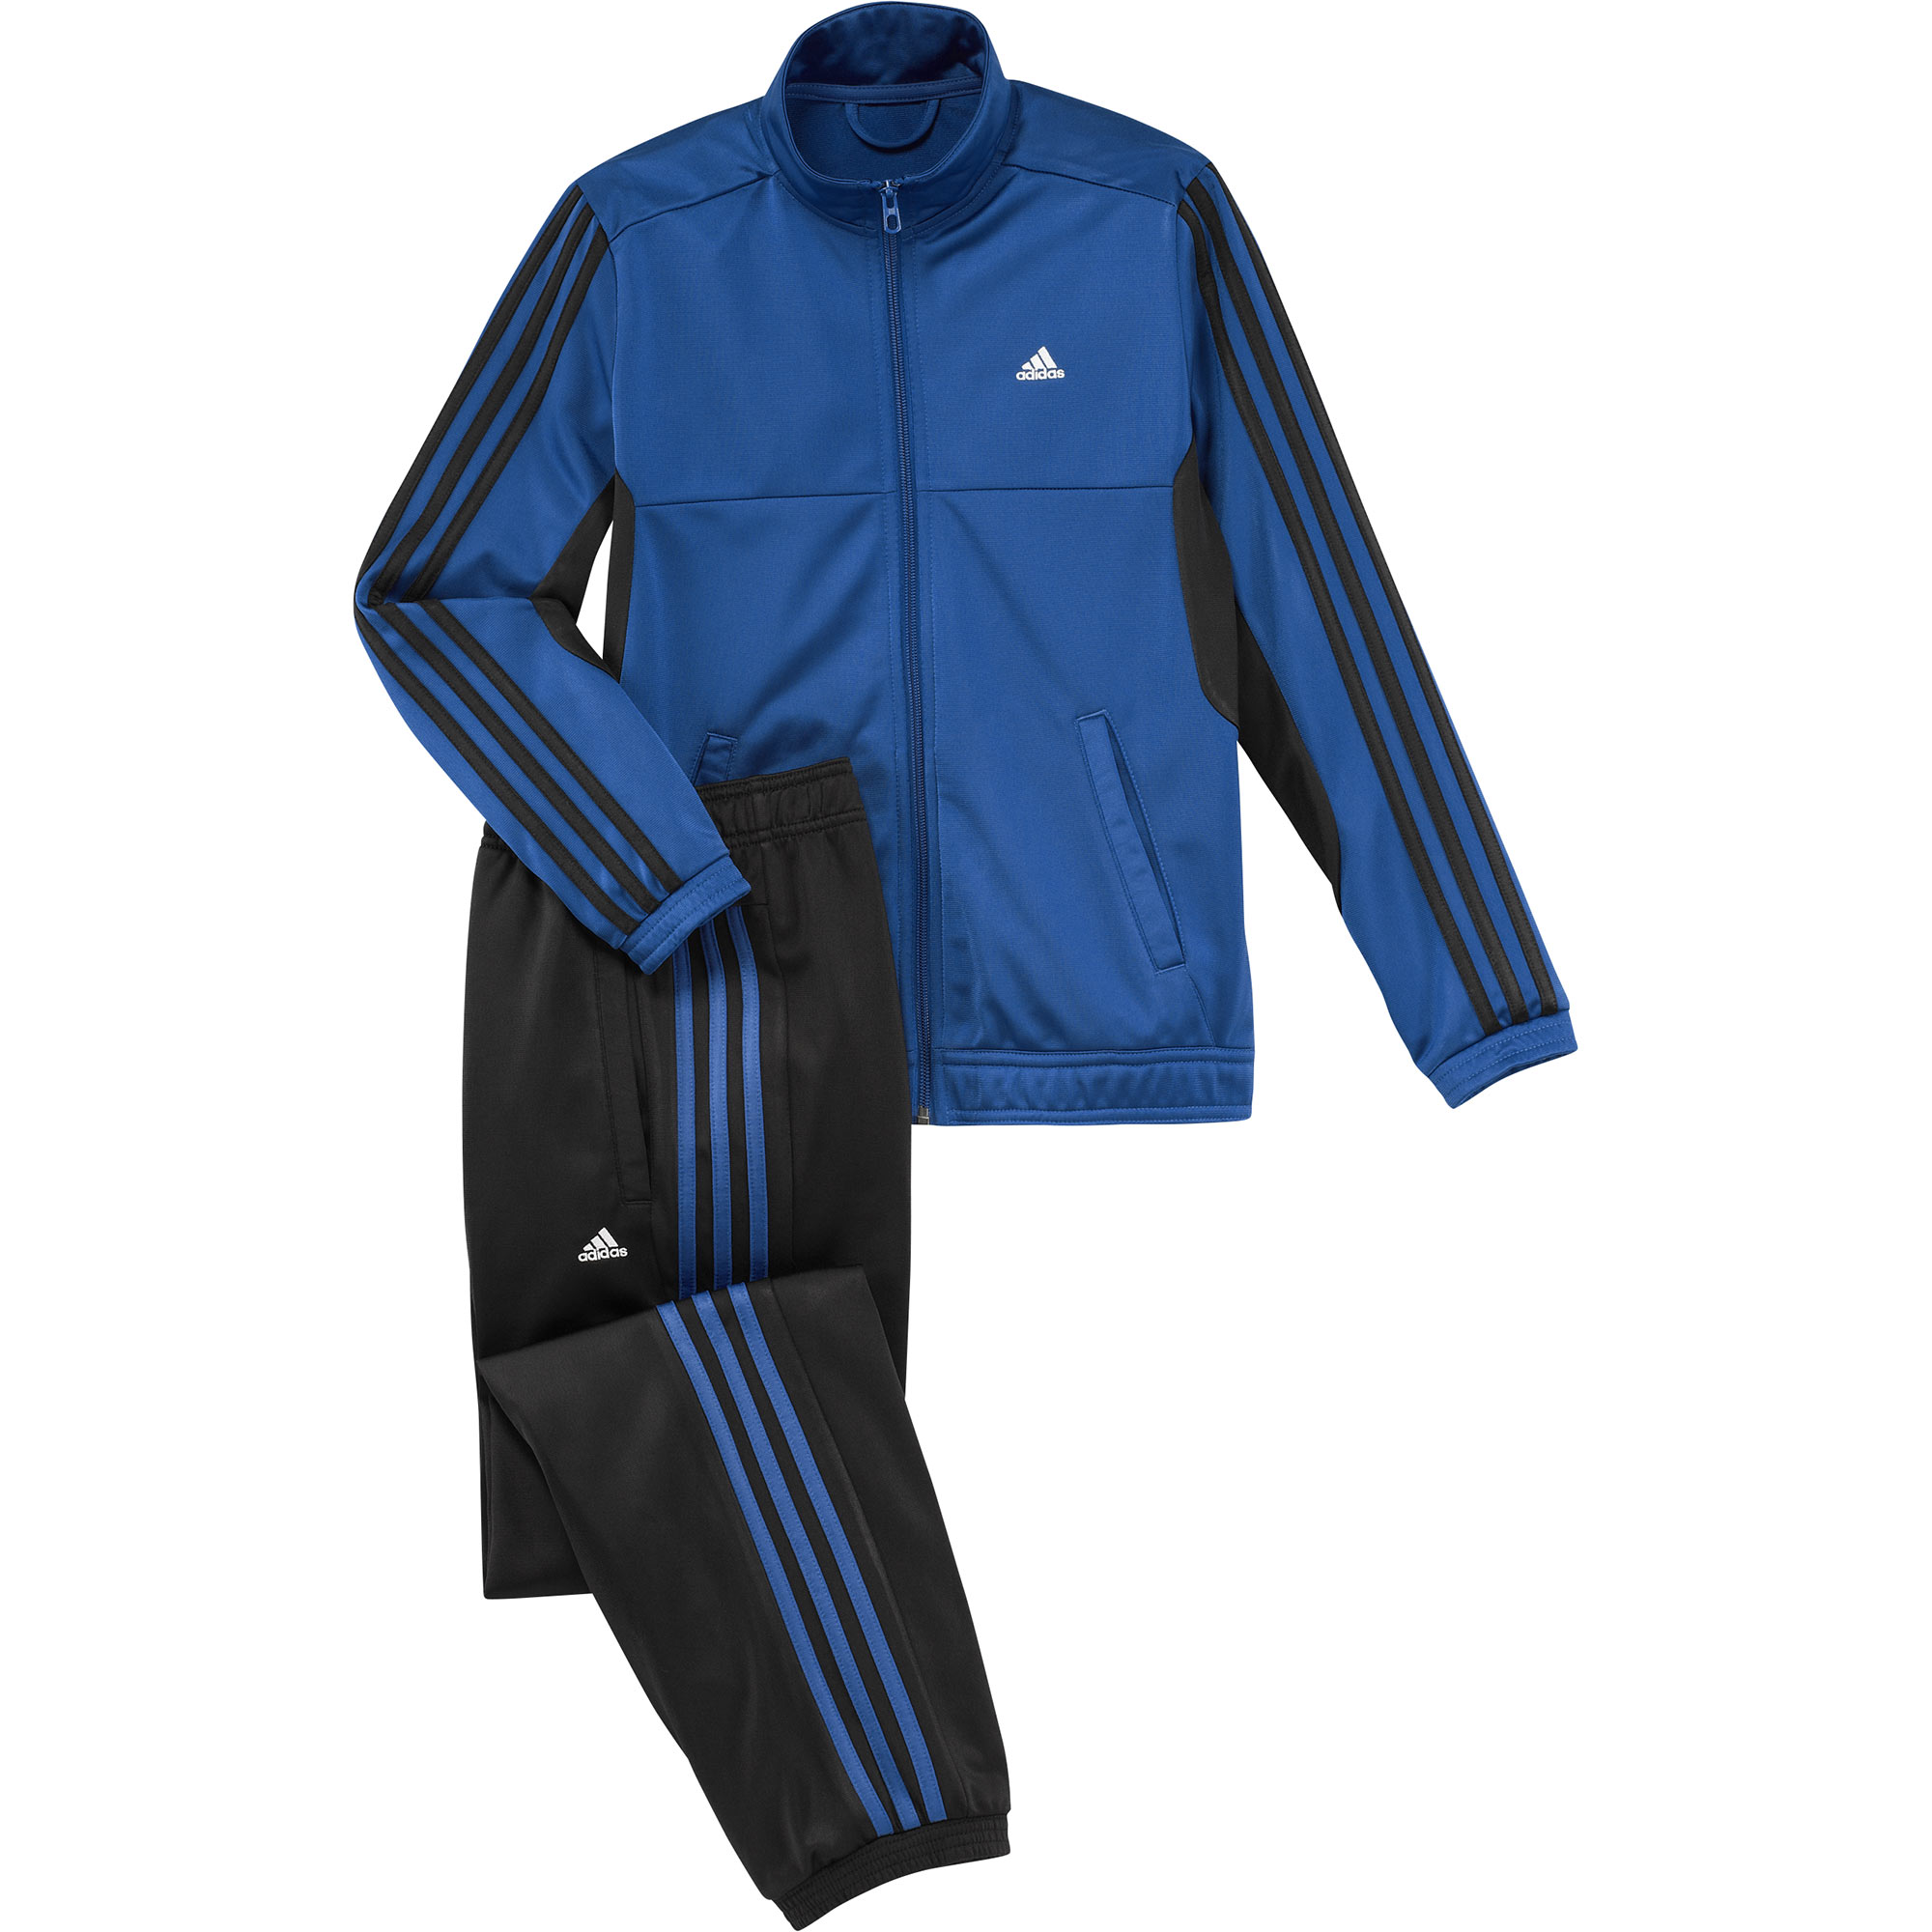 adidas tibero tracksuit kinder jungen trainingsanzug blau. Black Bedroom Furniture Sets. Home Design Ideas